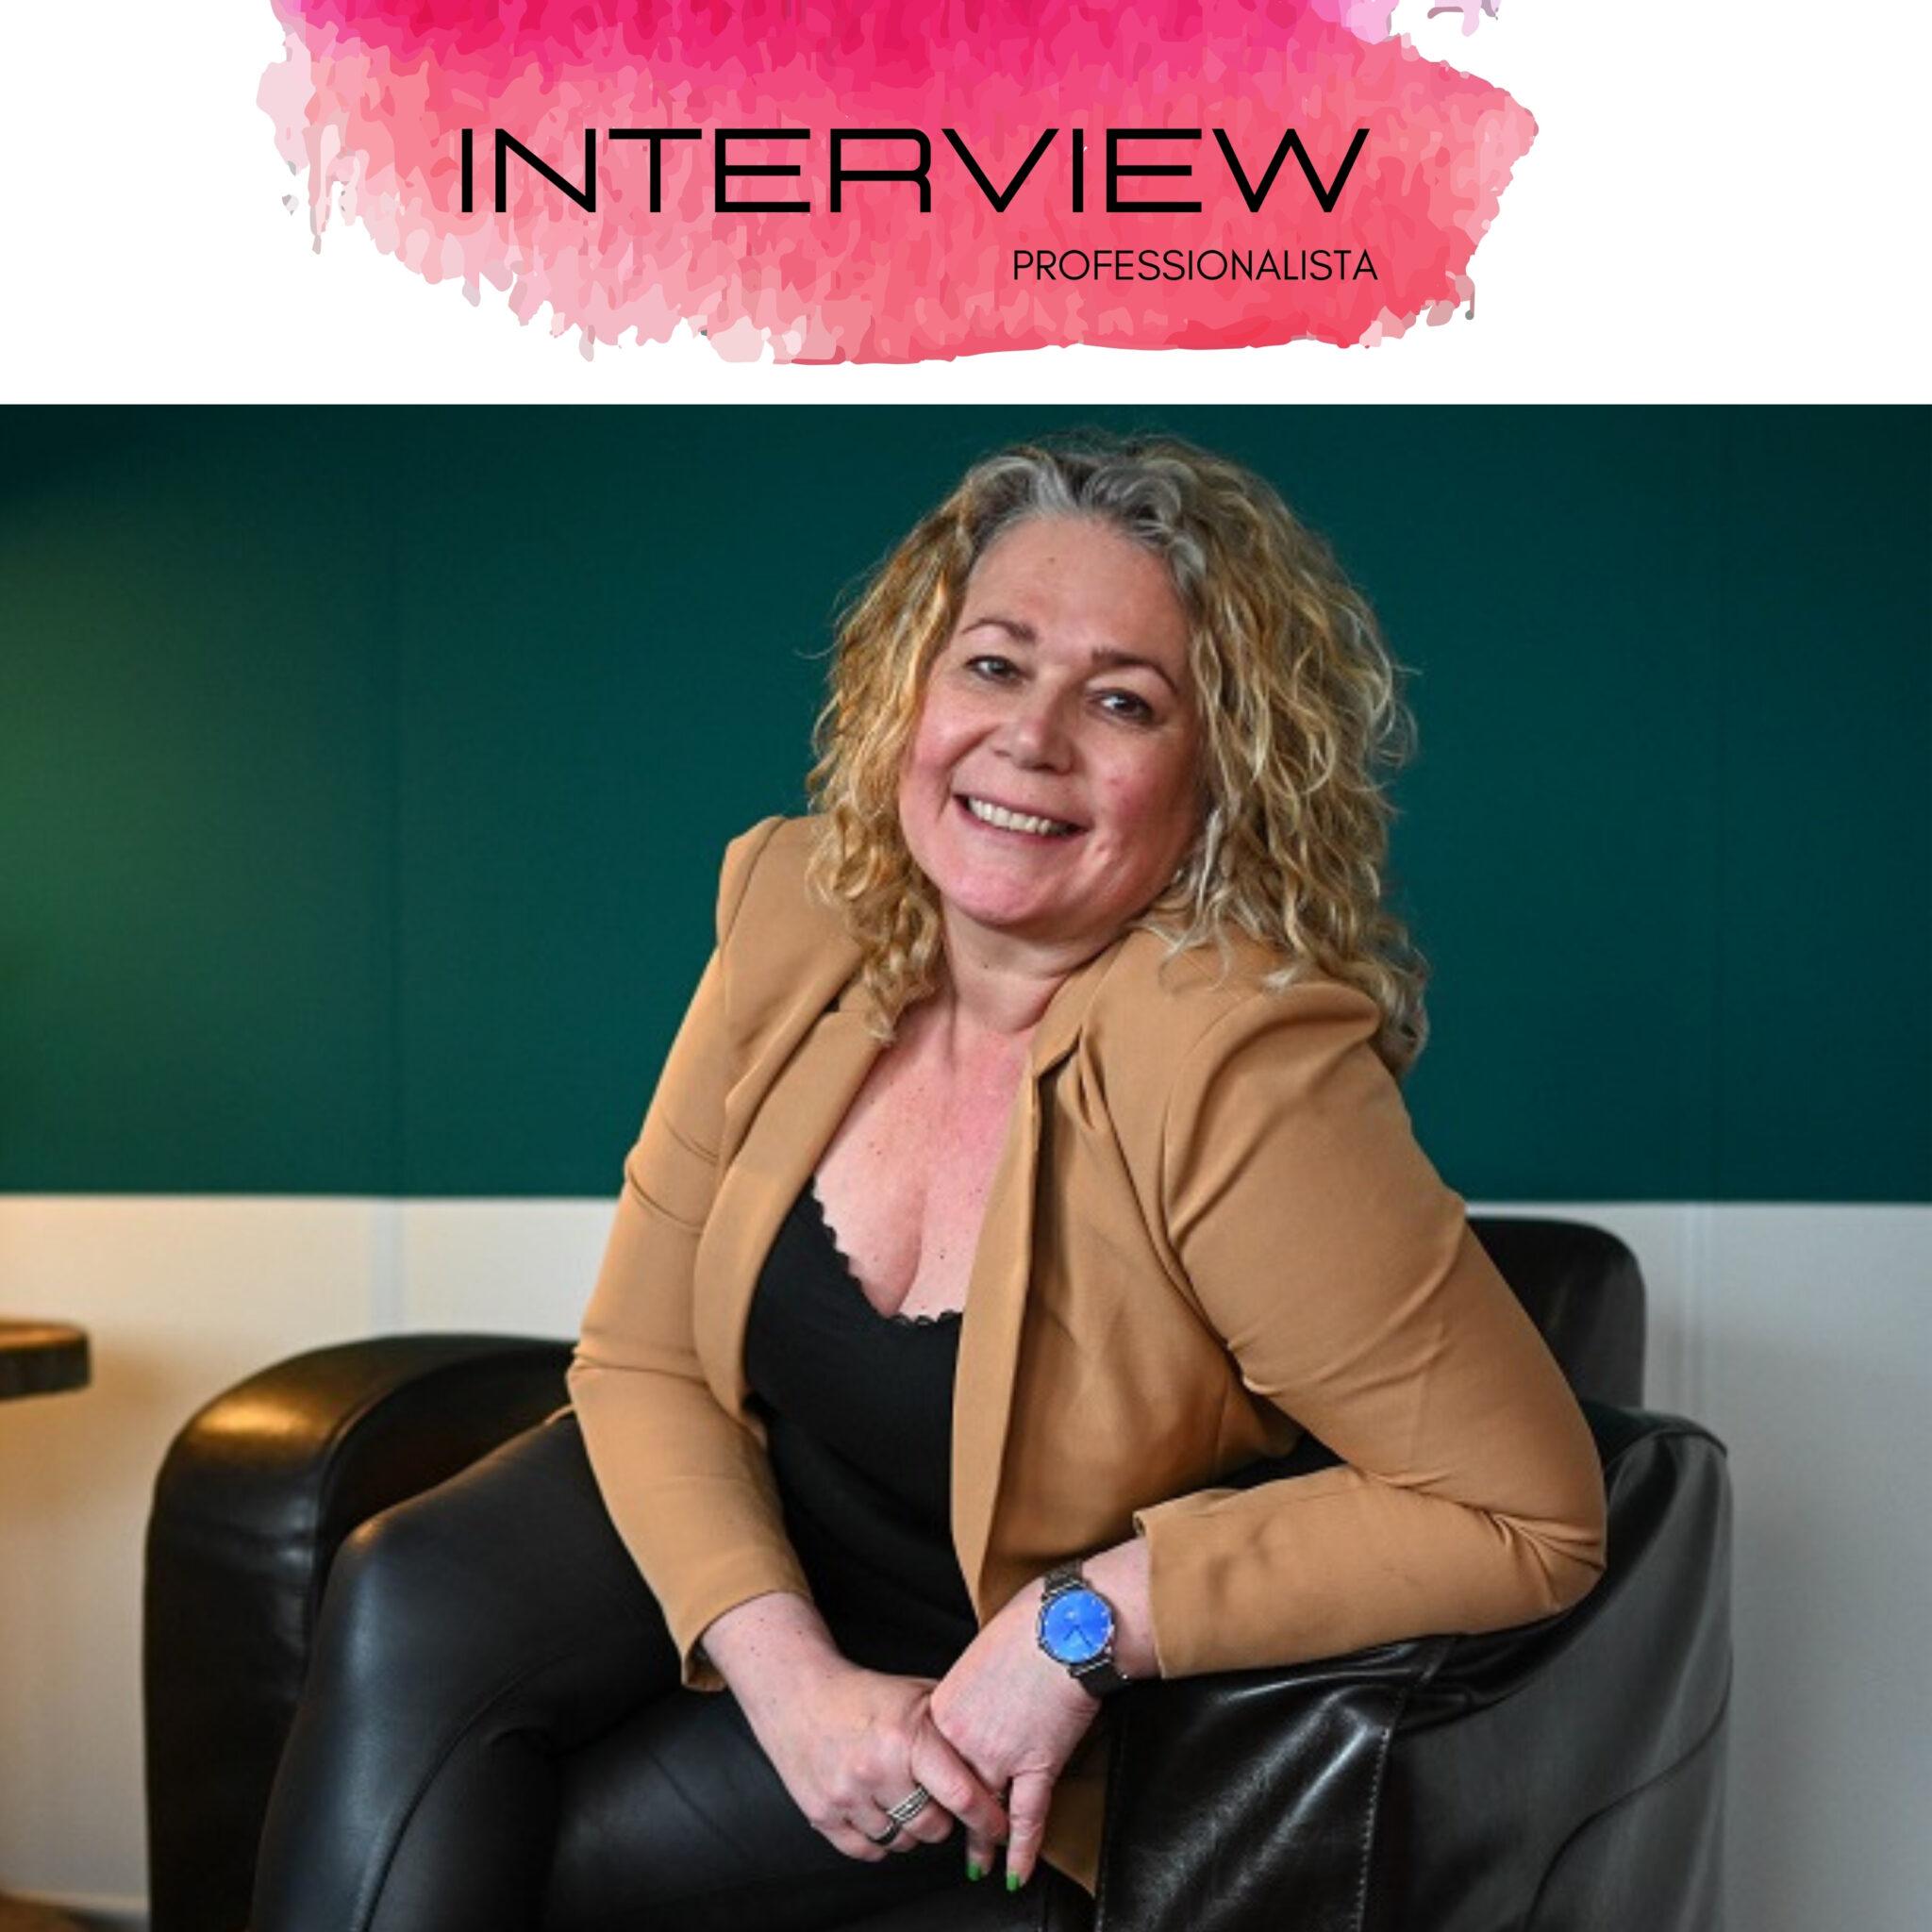 INTERVIEW Professionalista Marjolein van der Linden